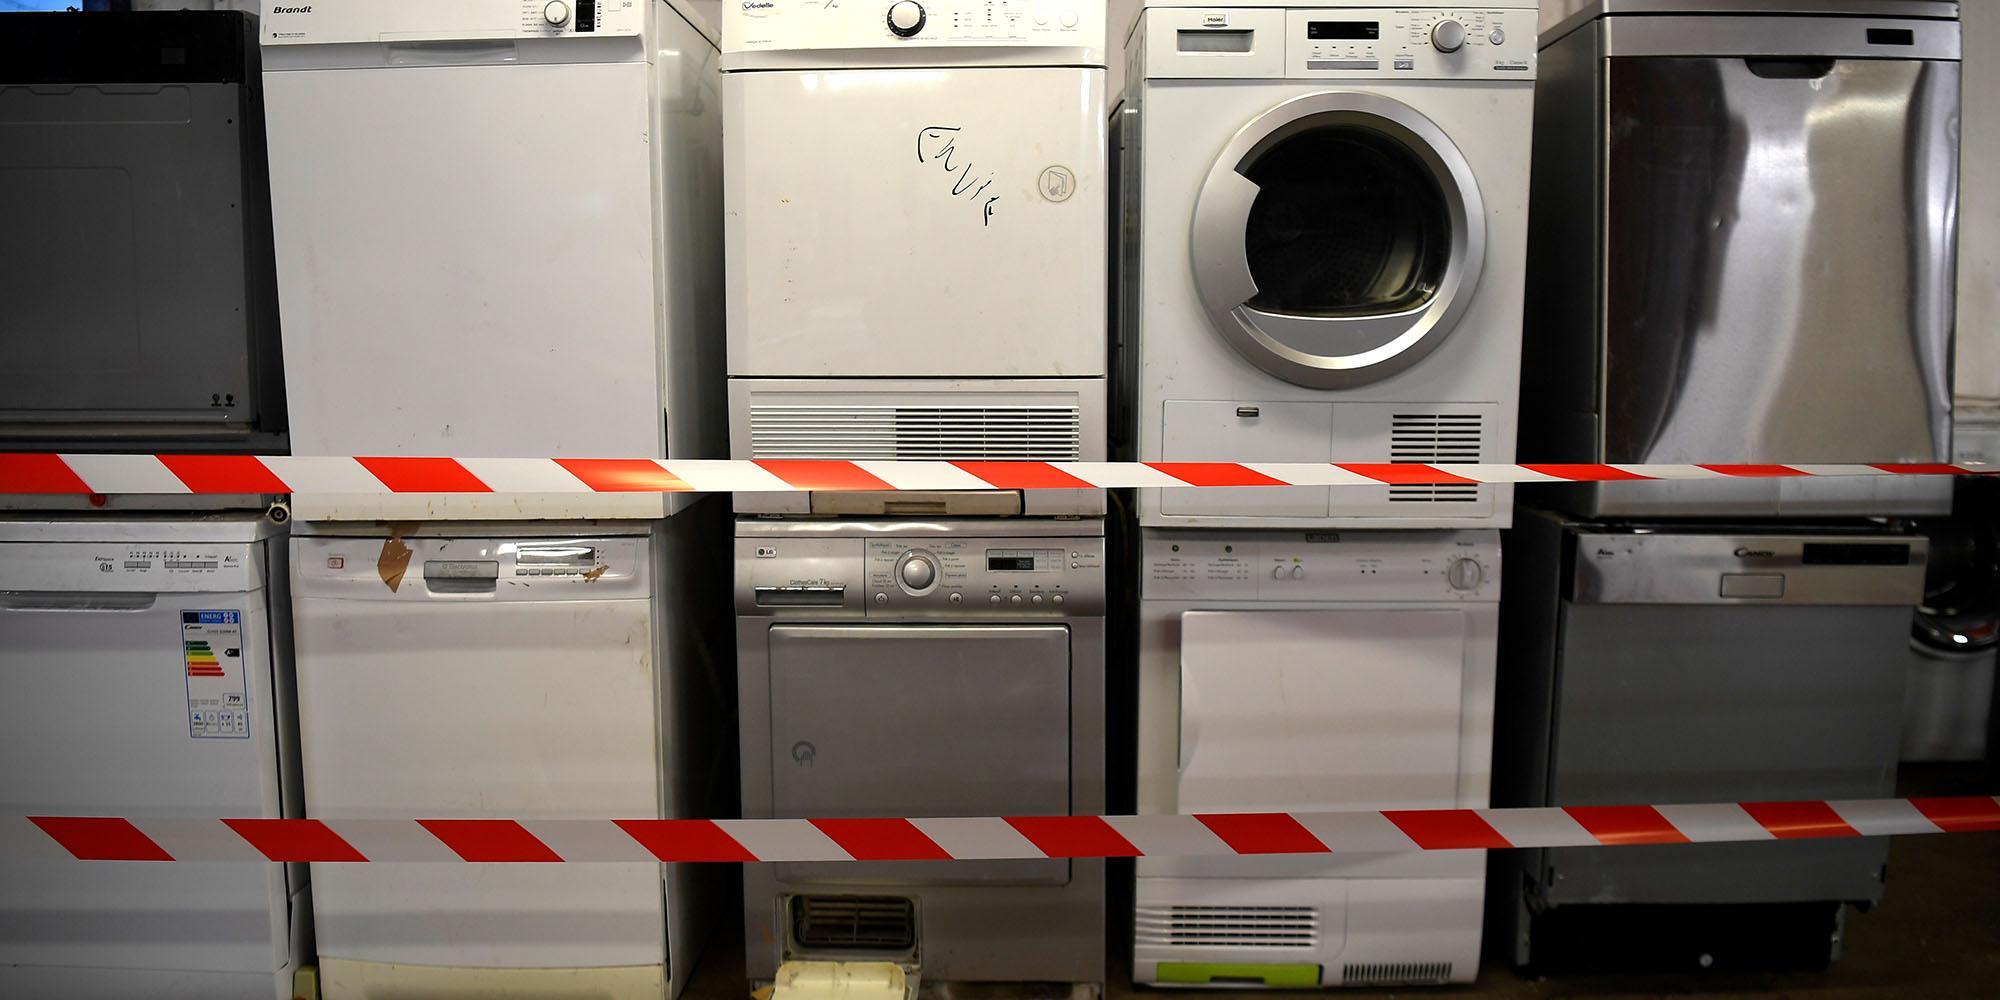 En 2025, tous les lave-linge devront avoir un filtre anti-plastiques